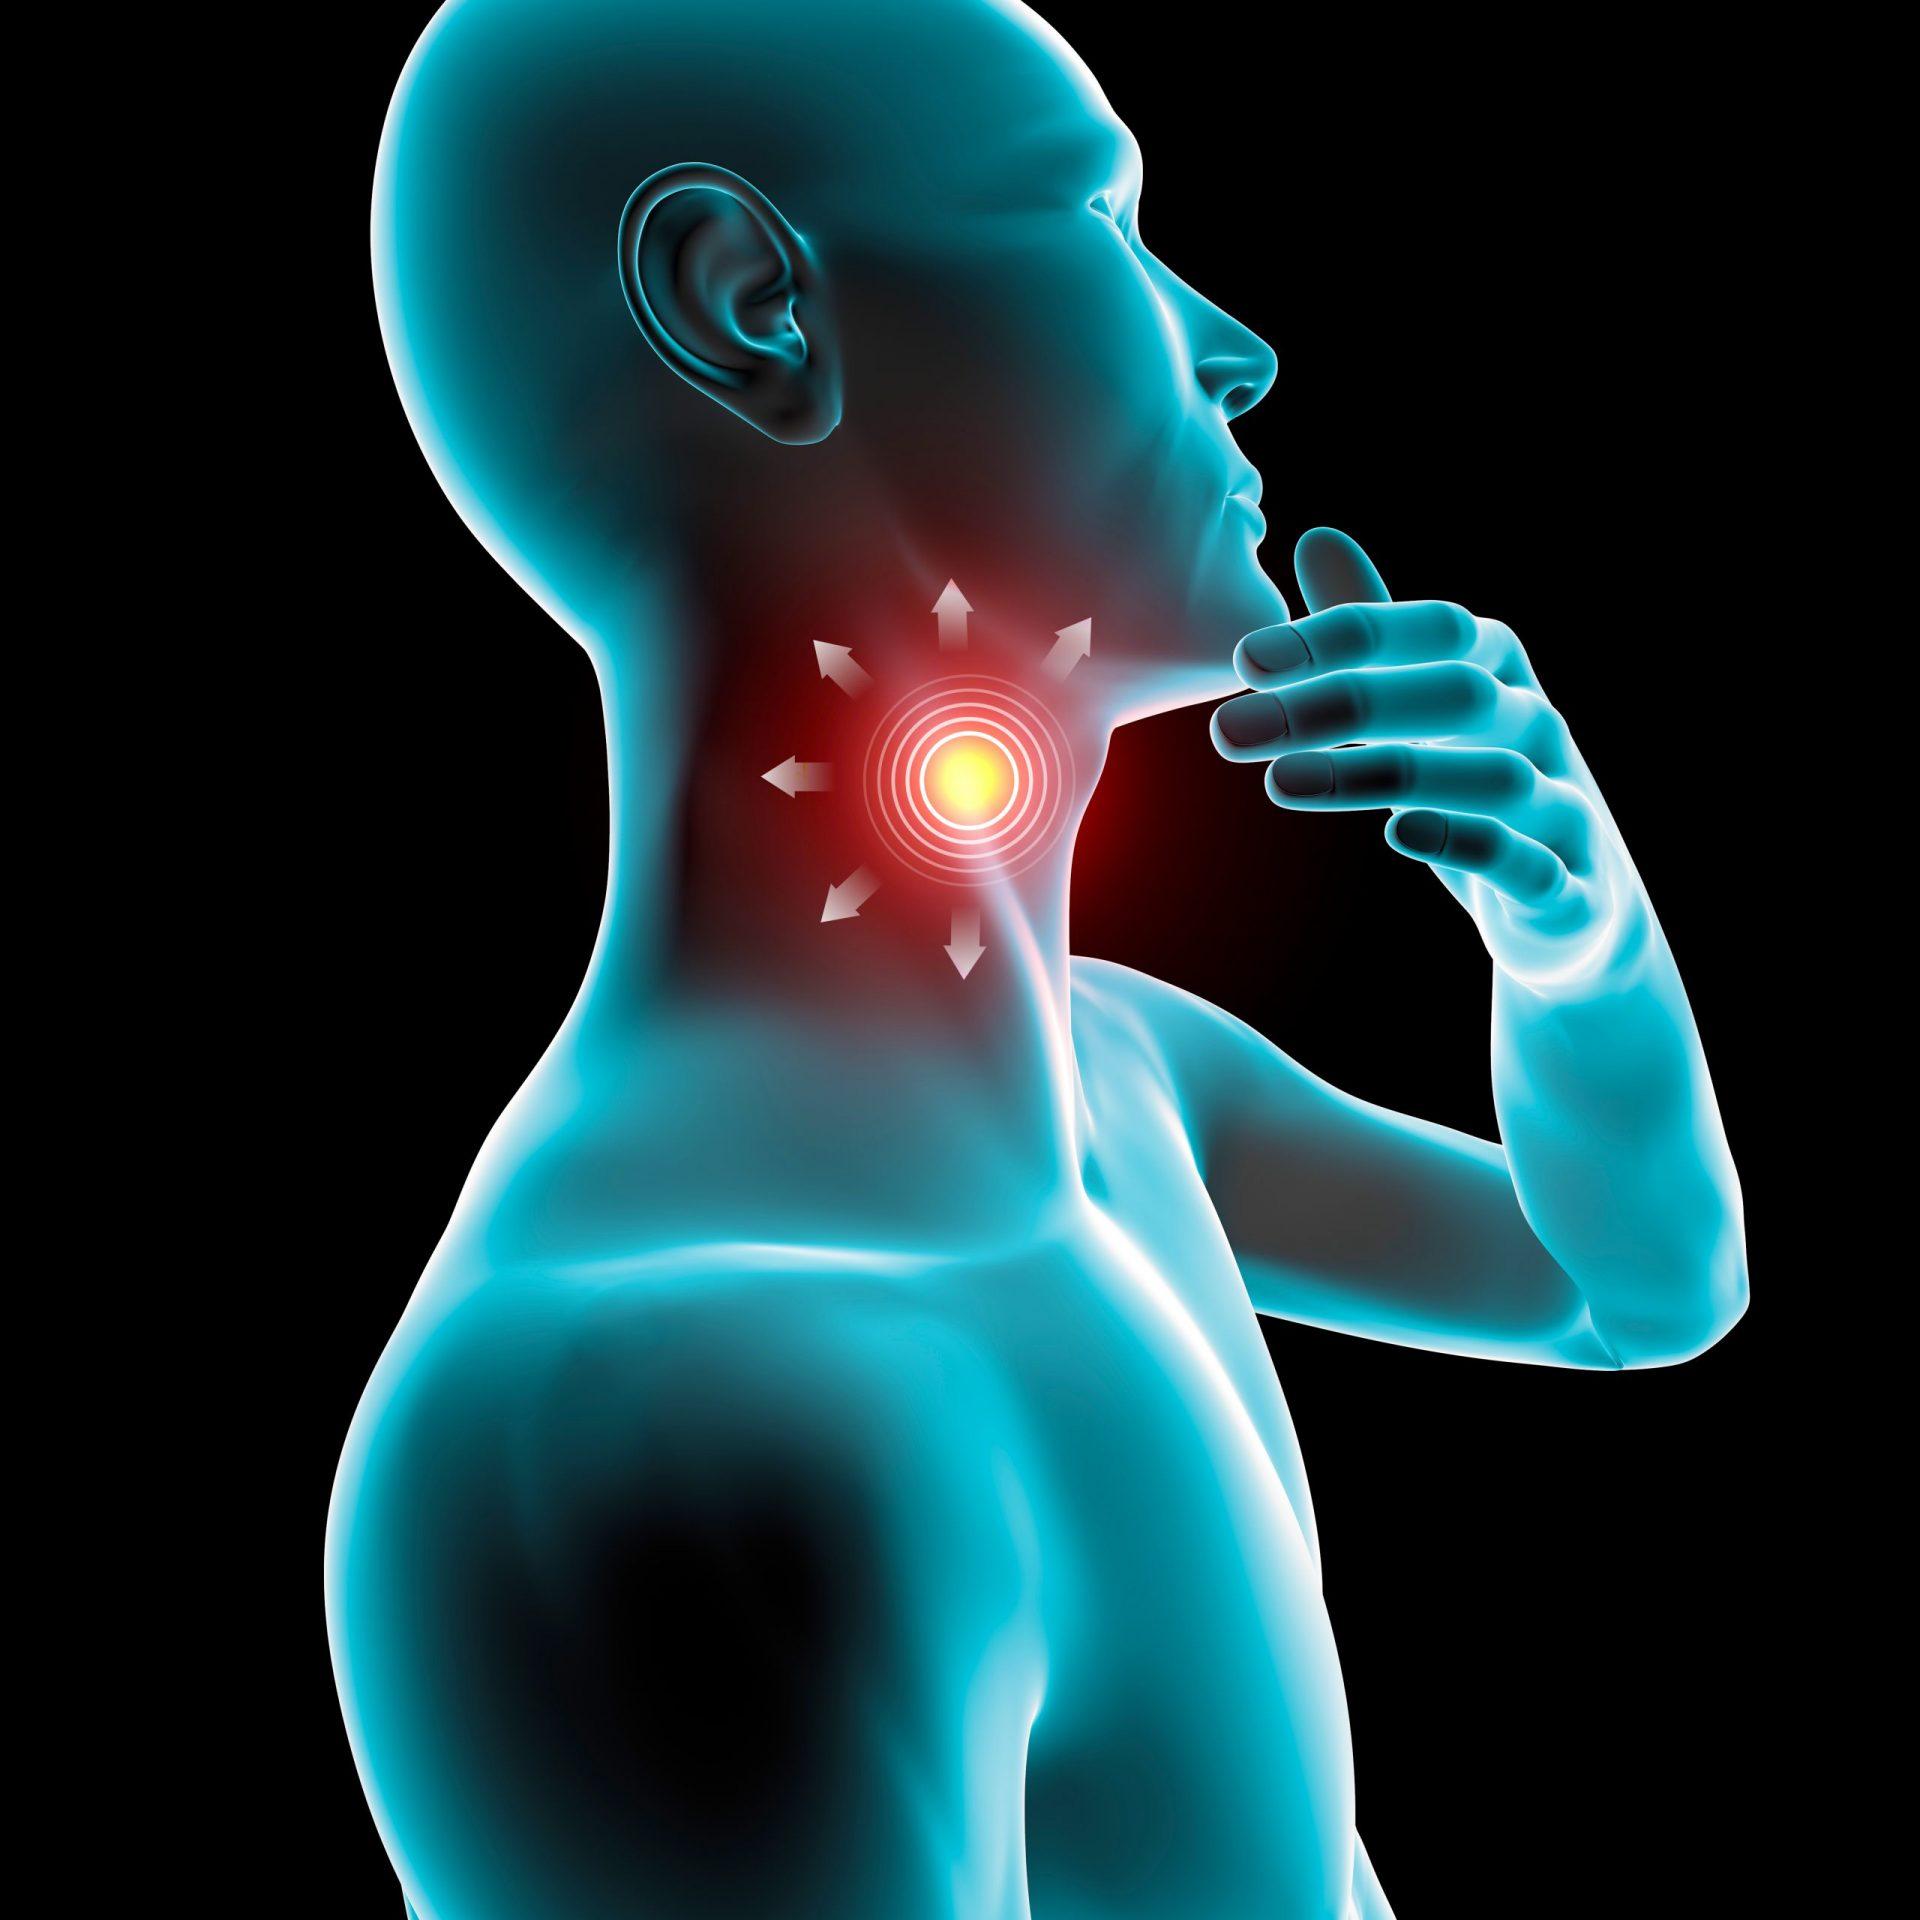 Homeopatia para dor de garganta: Qual o melhor remédio?